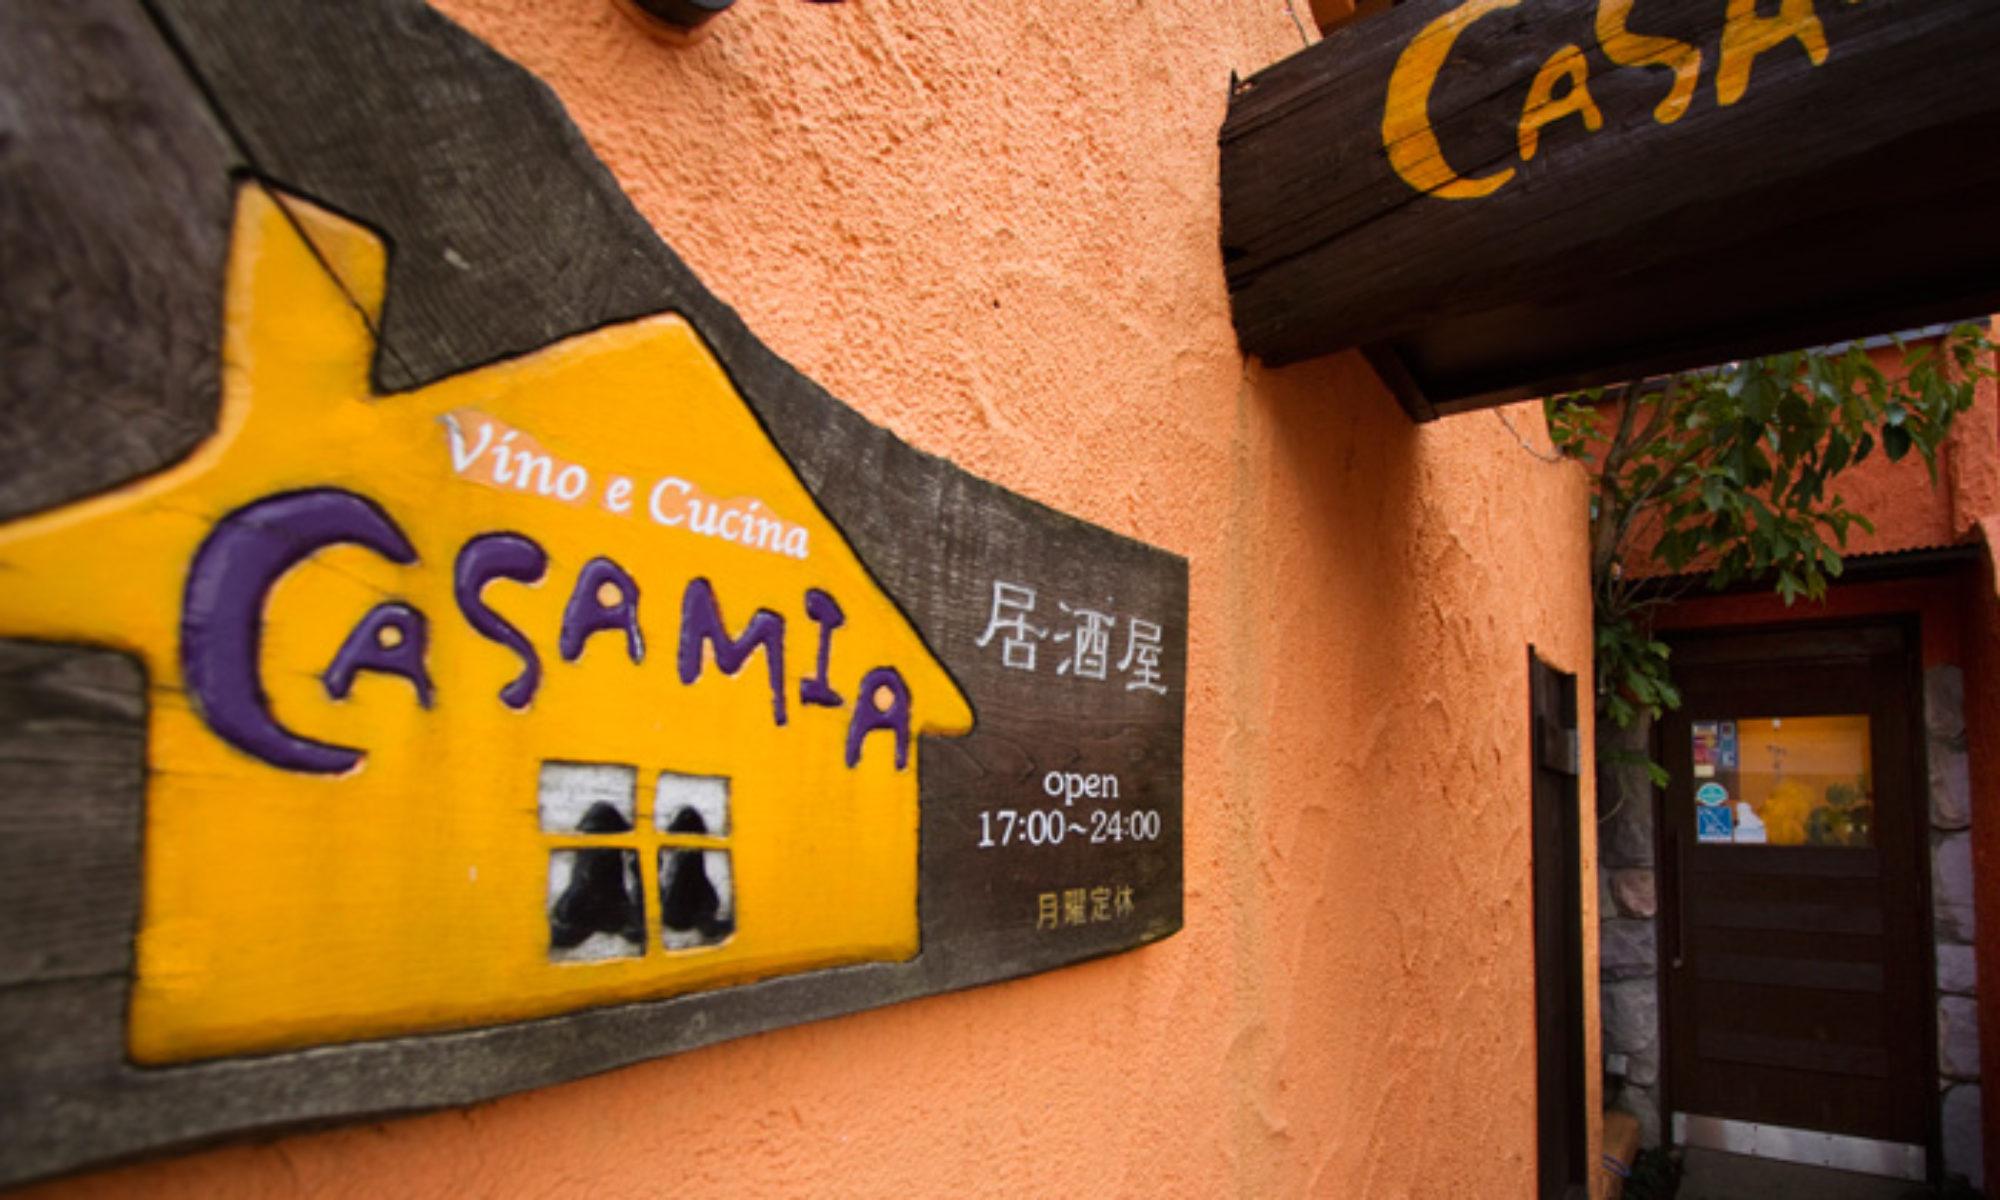 金沢の居酒屋カーサミア